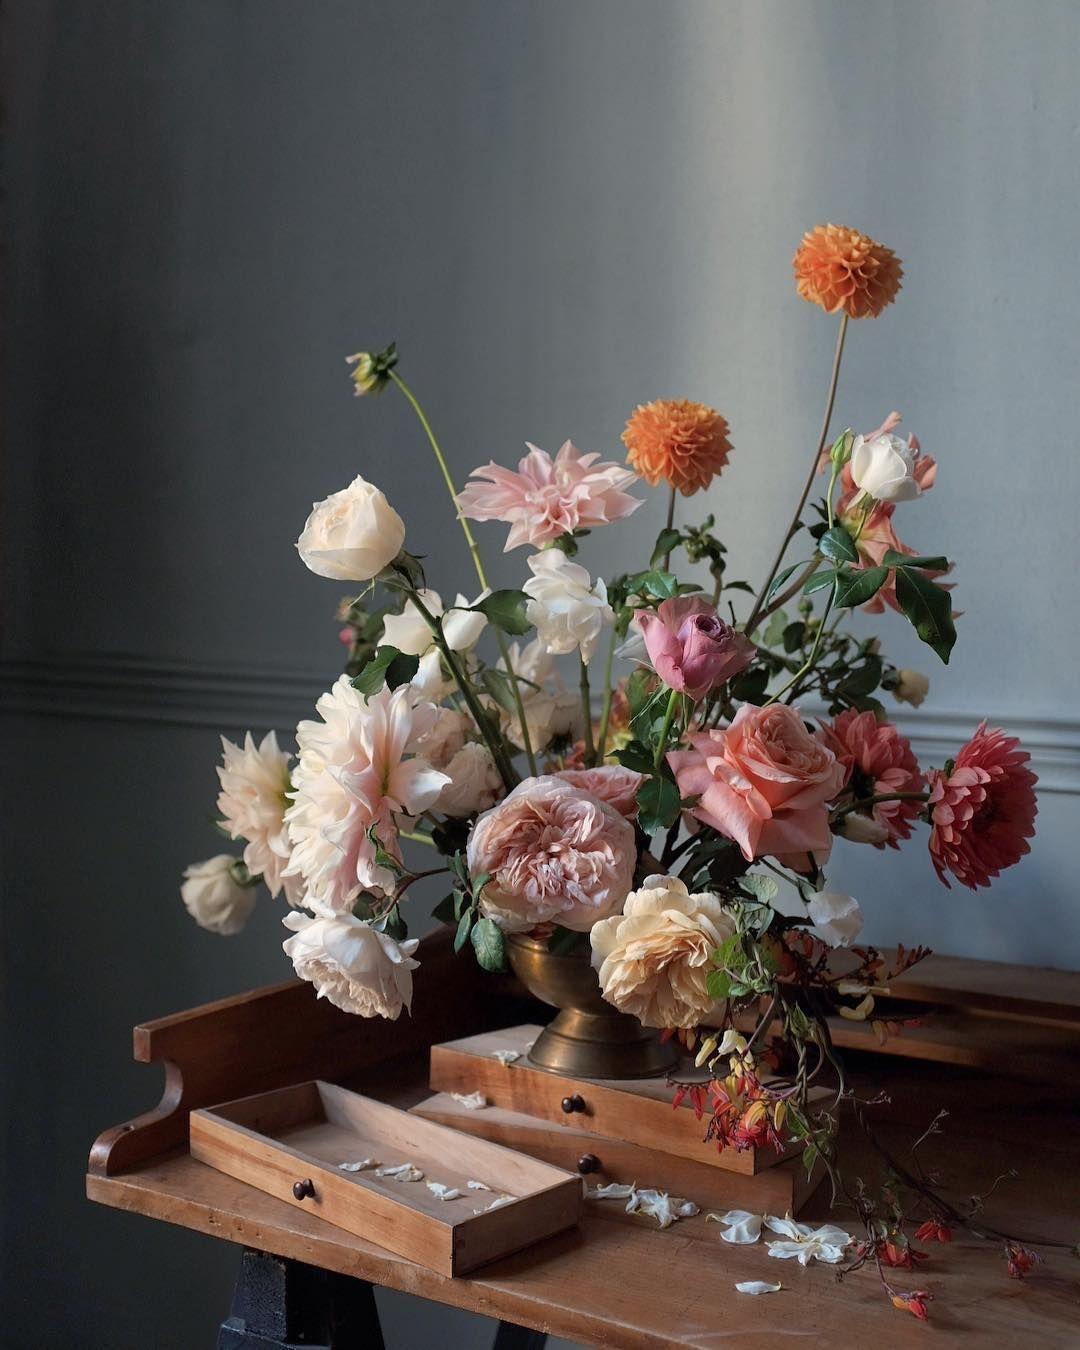 Kwiatyimiut Kwiatysapiekne Pieknokwiatowprzemija Flowersarebeautiful Kwiatyimiut Farma Flower Arrangements Amazing Flowers Floral Wreath